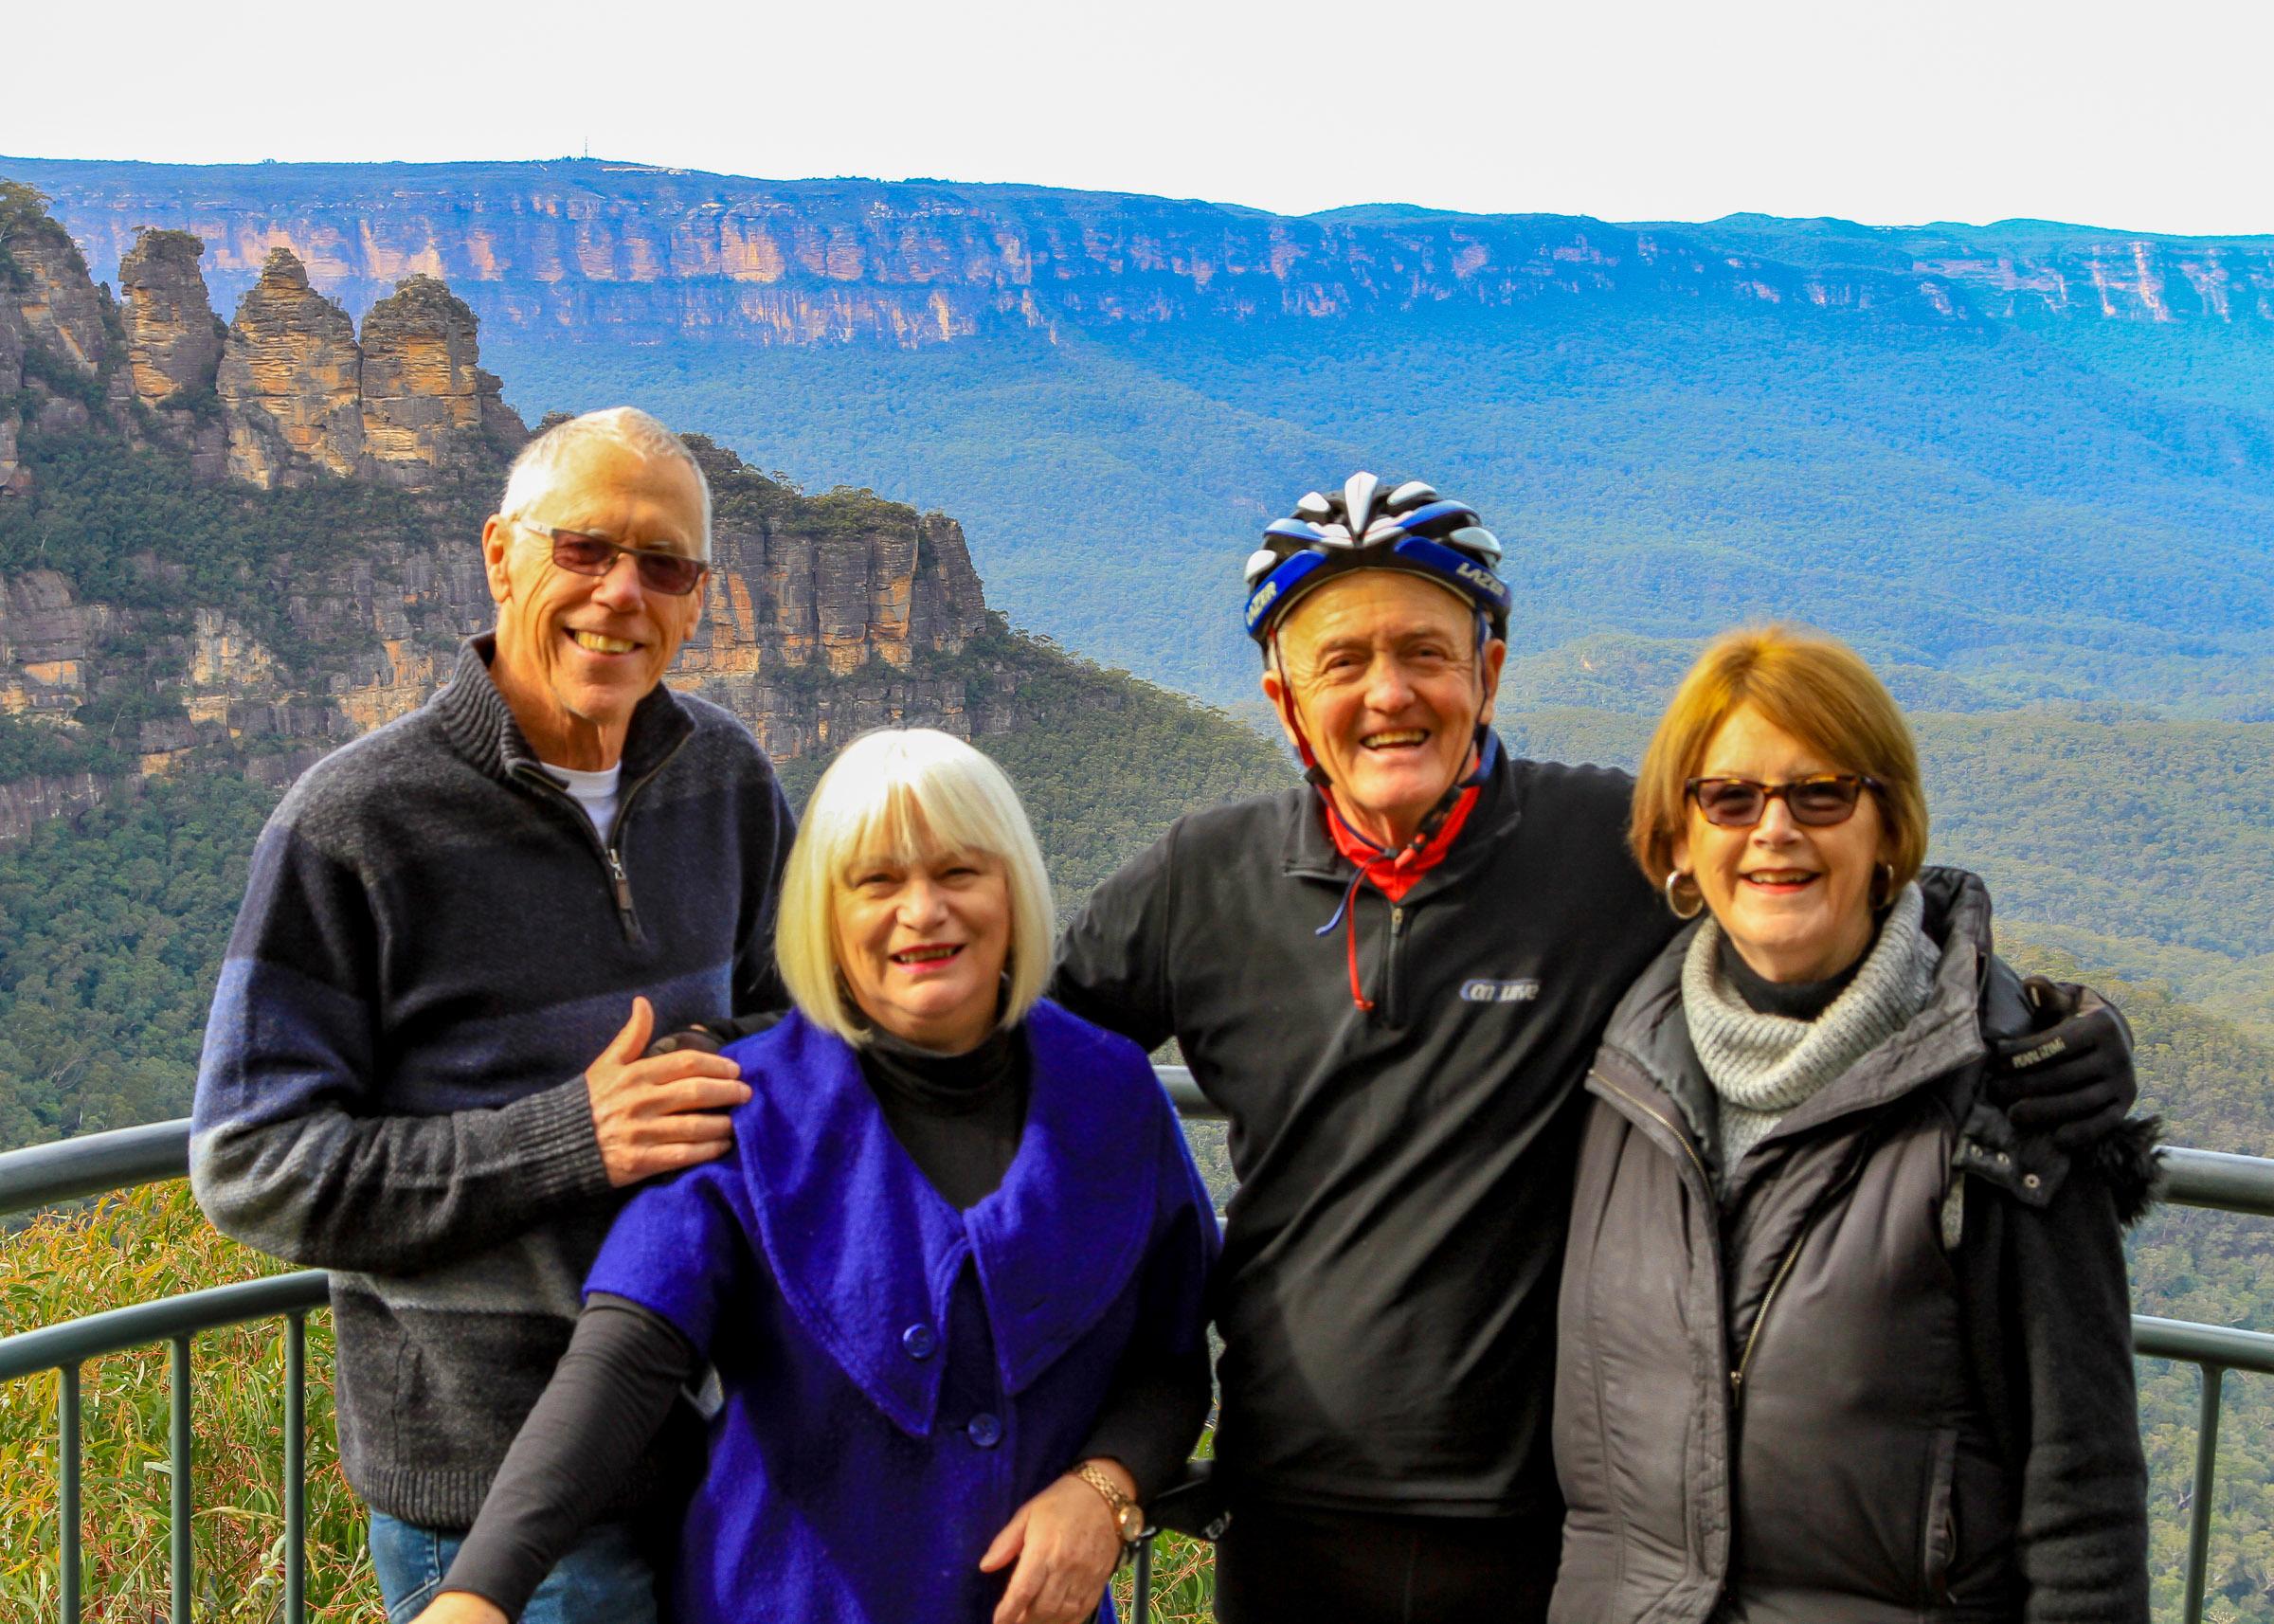 Bill, Sallee, Bob & Jenny The Last Leg Crew